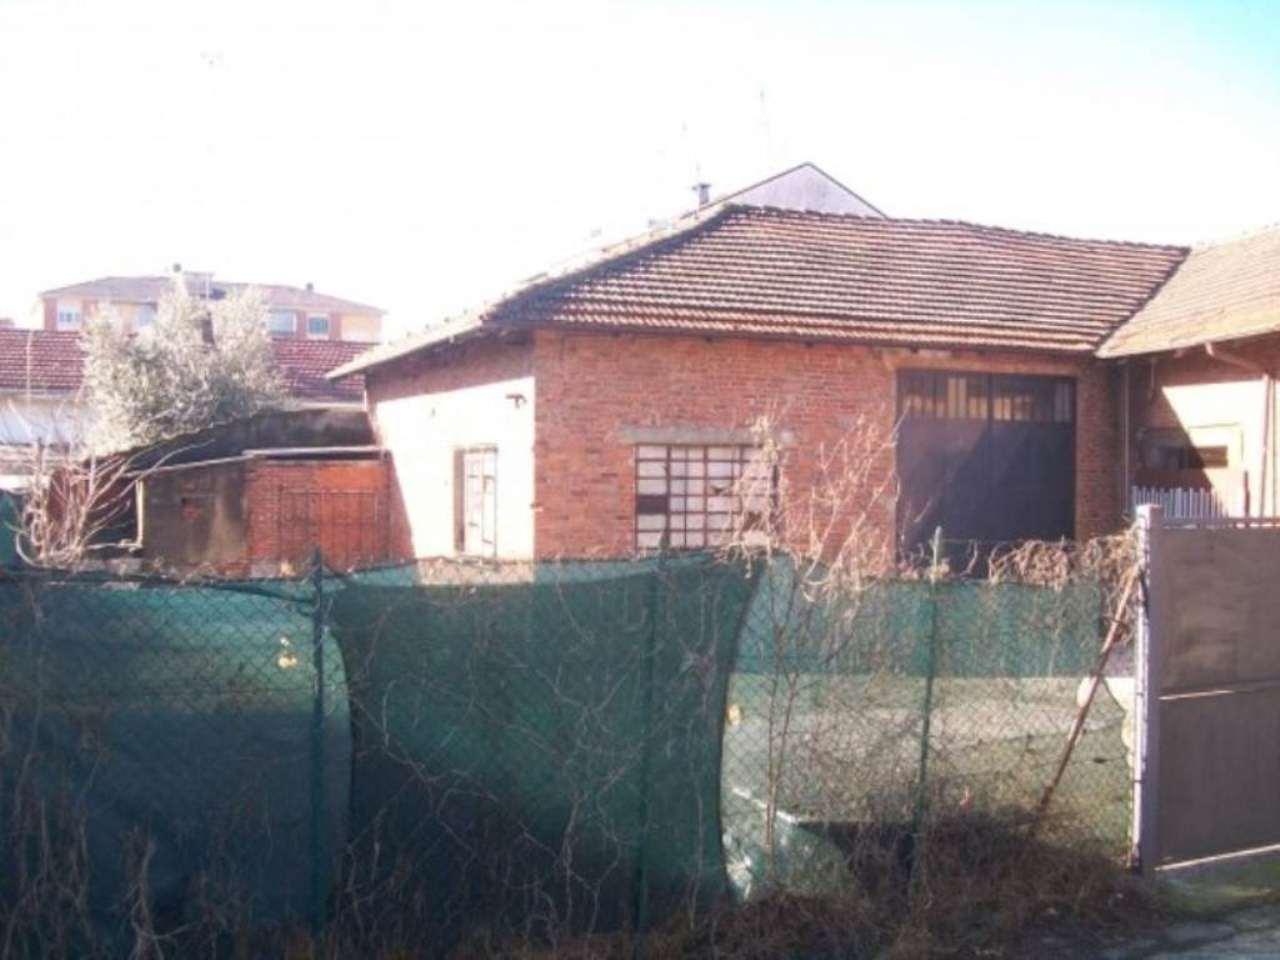 Palazzo / Stabile in vendita a Settimo Torinese, 3 locali, prezzo € 110.000 | Cambio Casa.it